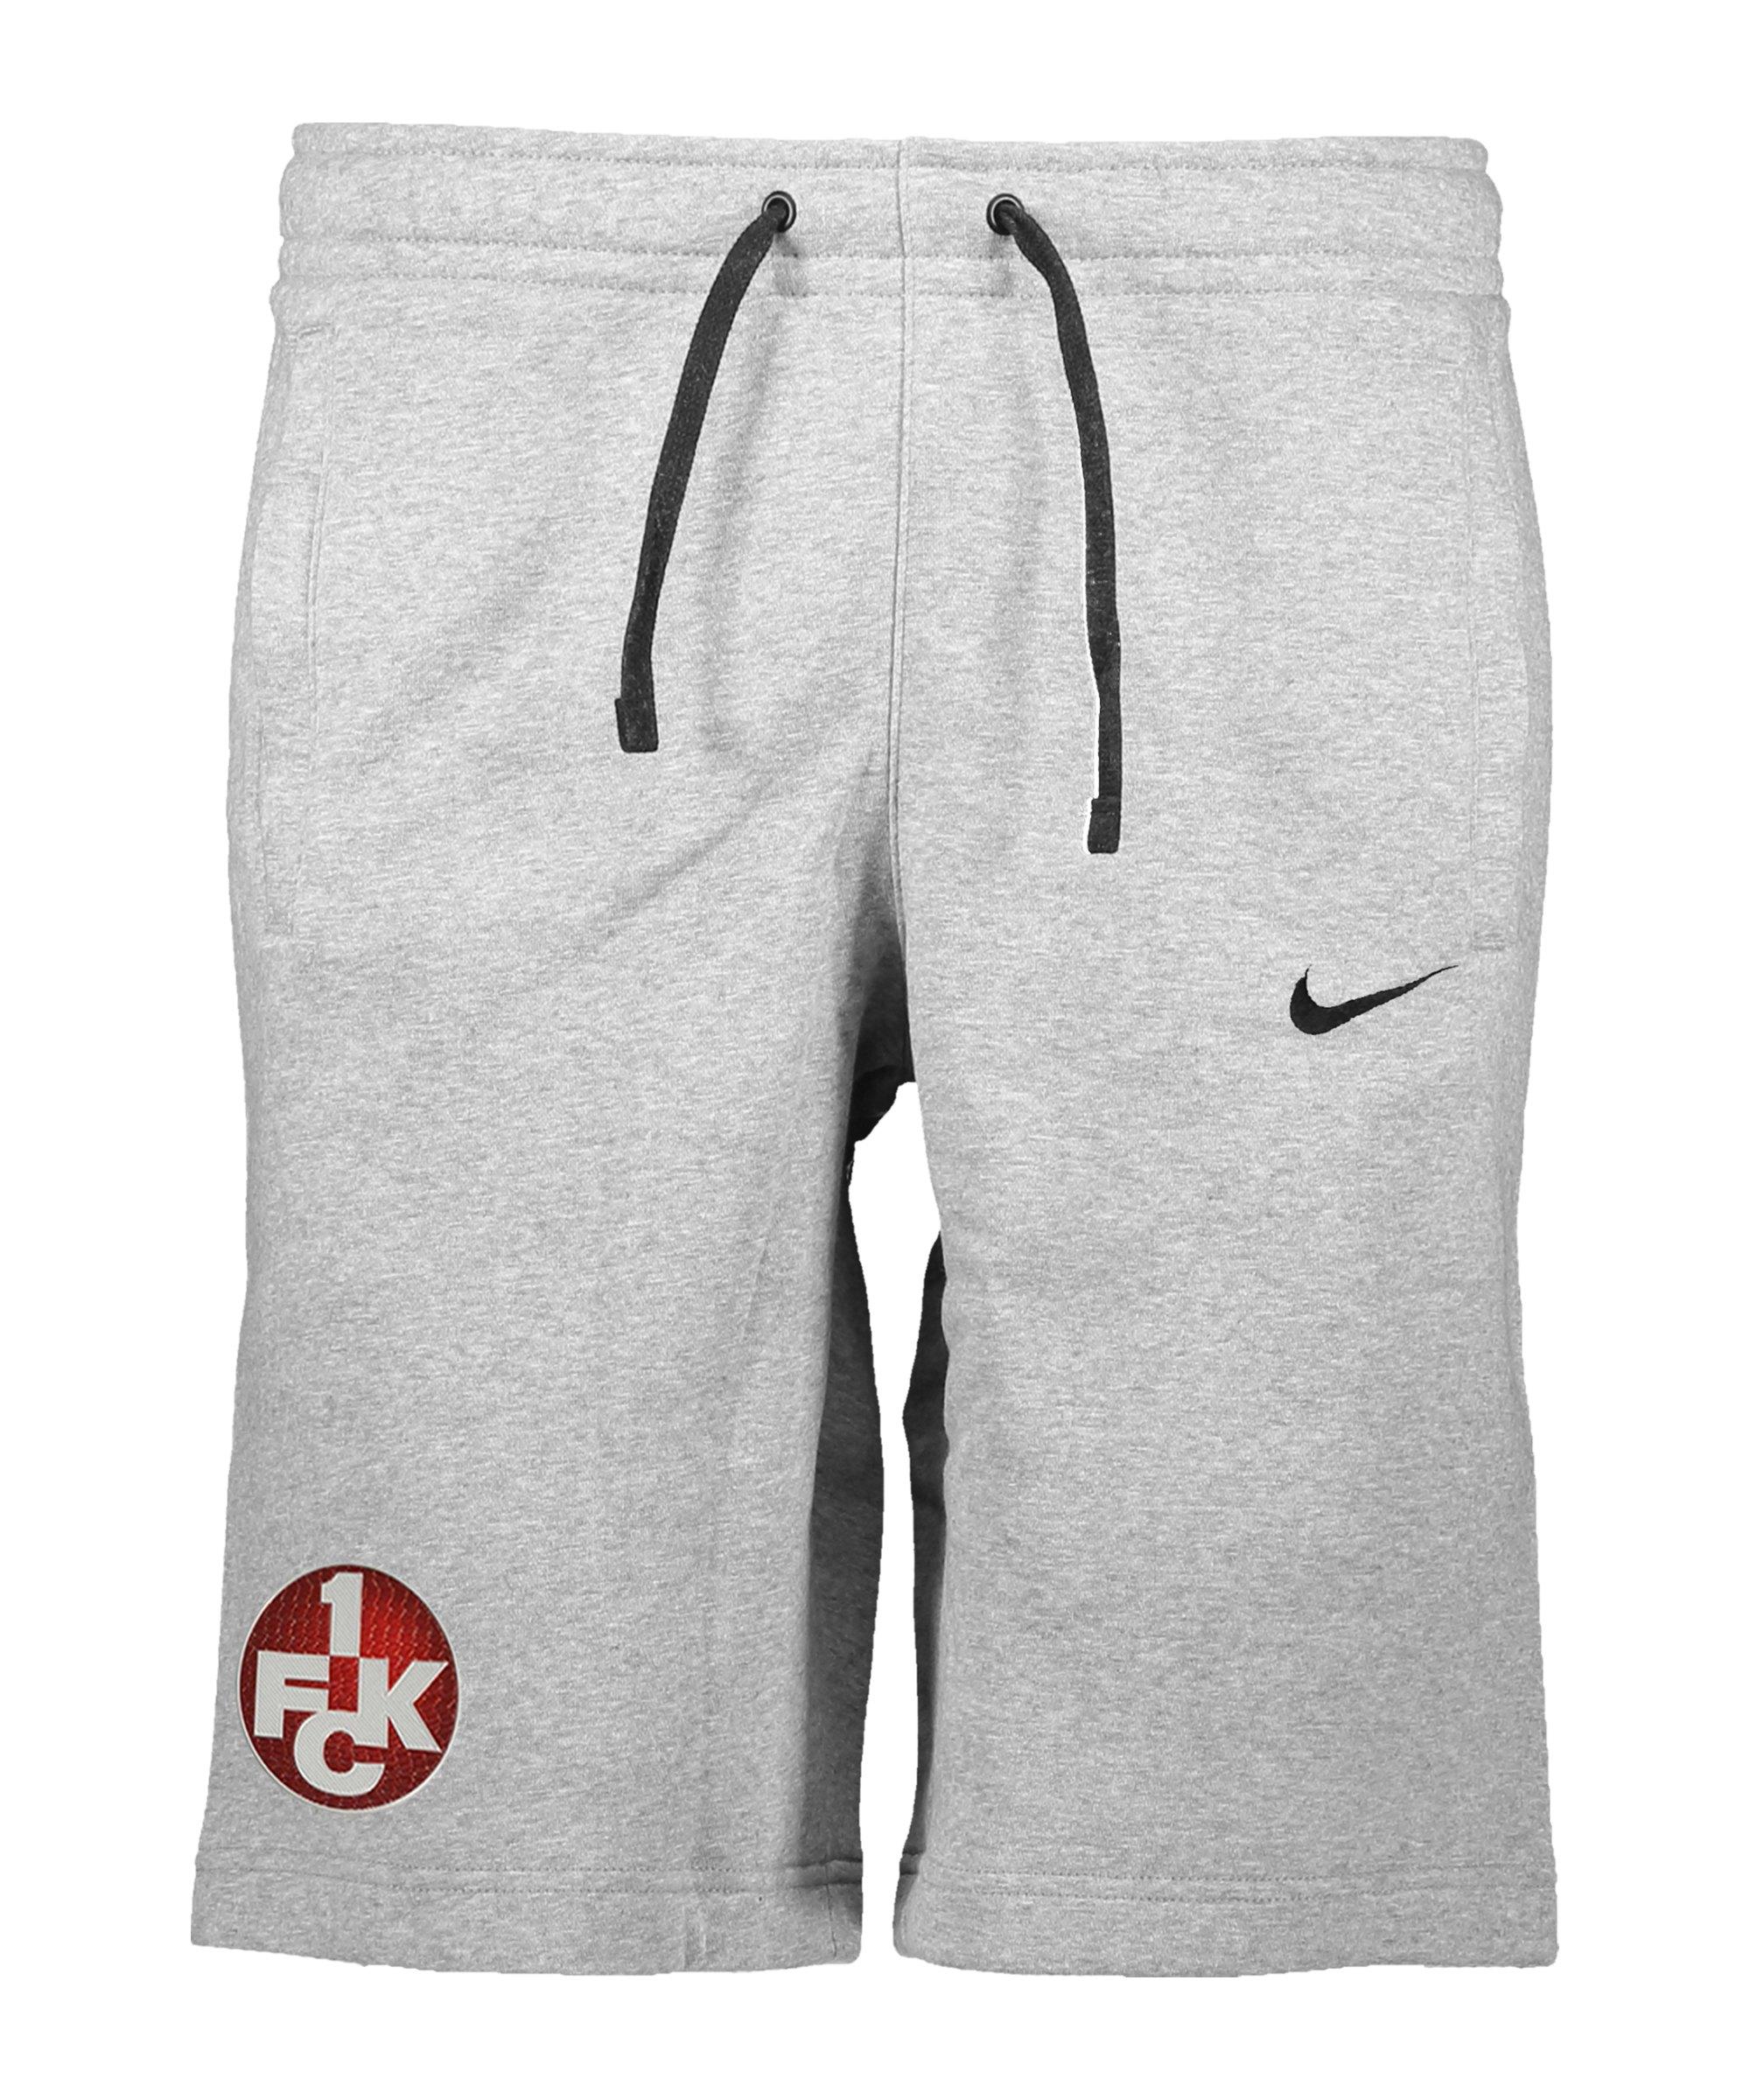 Nike 1. FC Kaiserslautern Fleece Short Kids F063 - grau